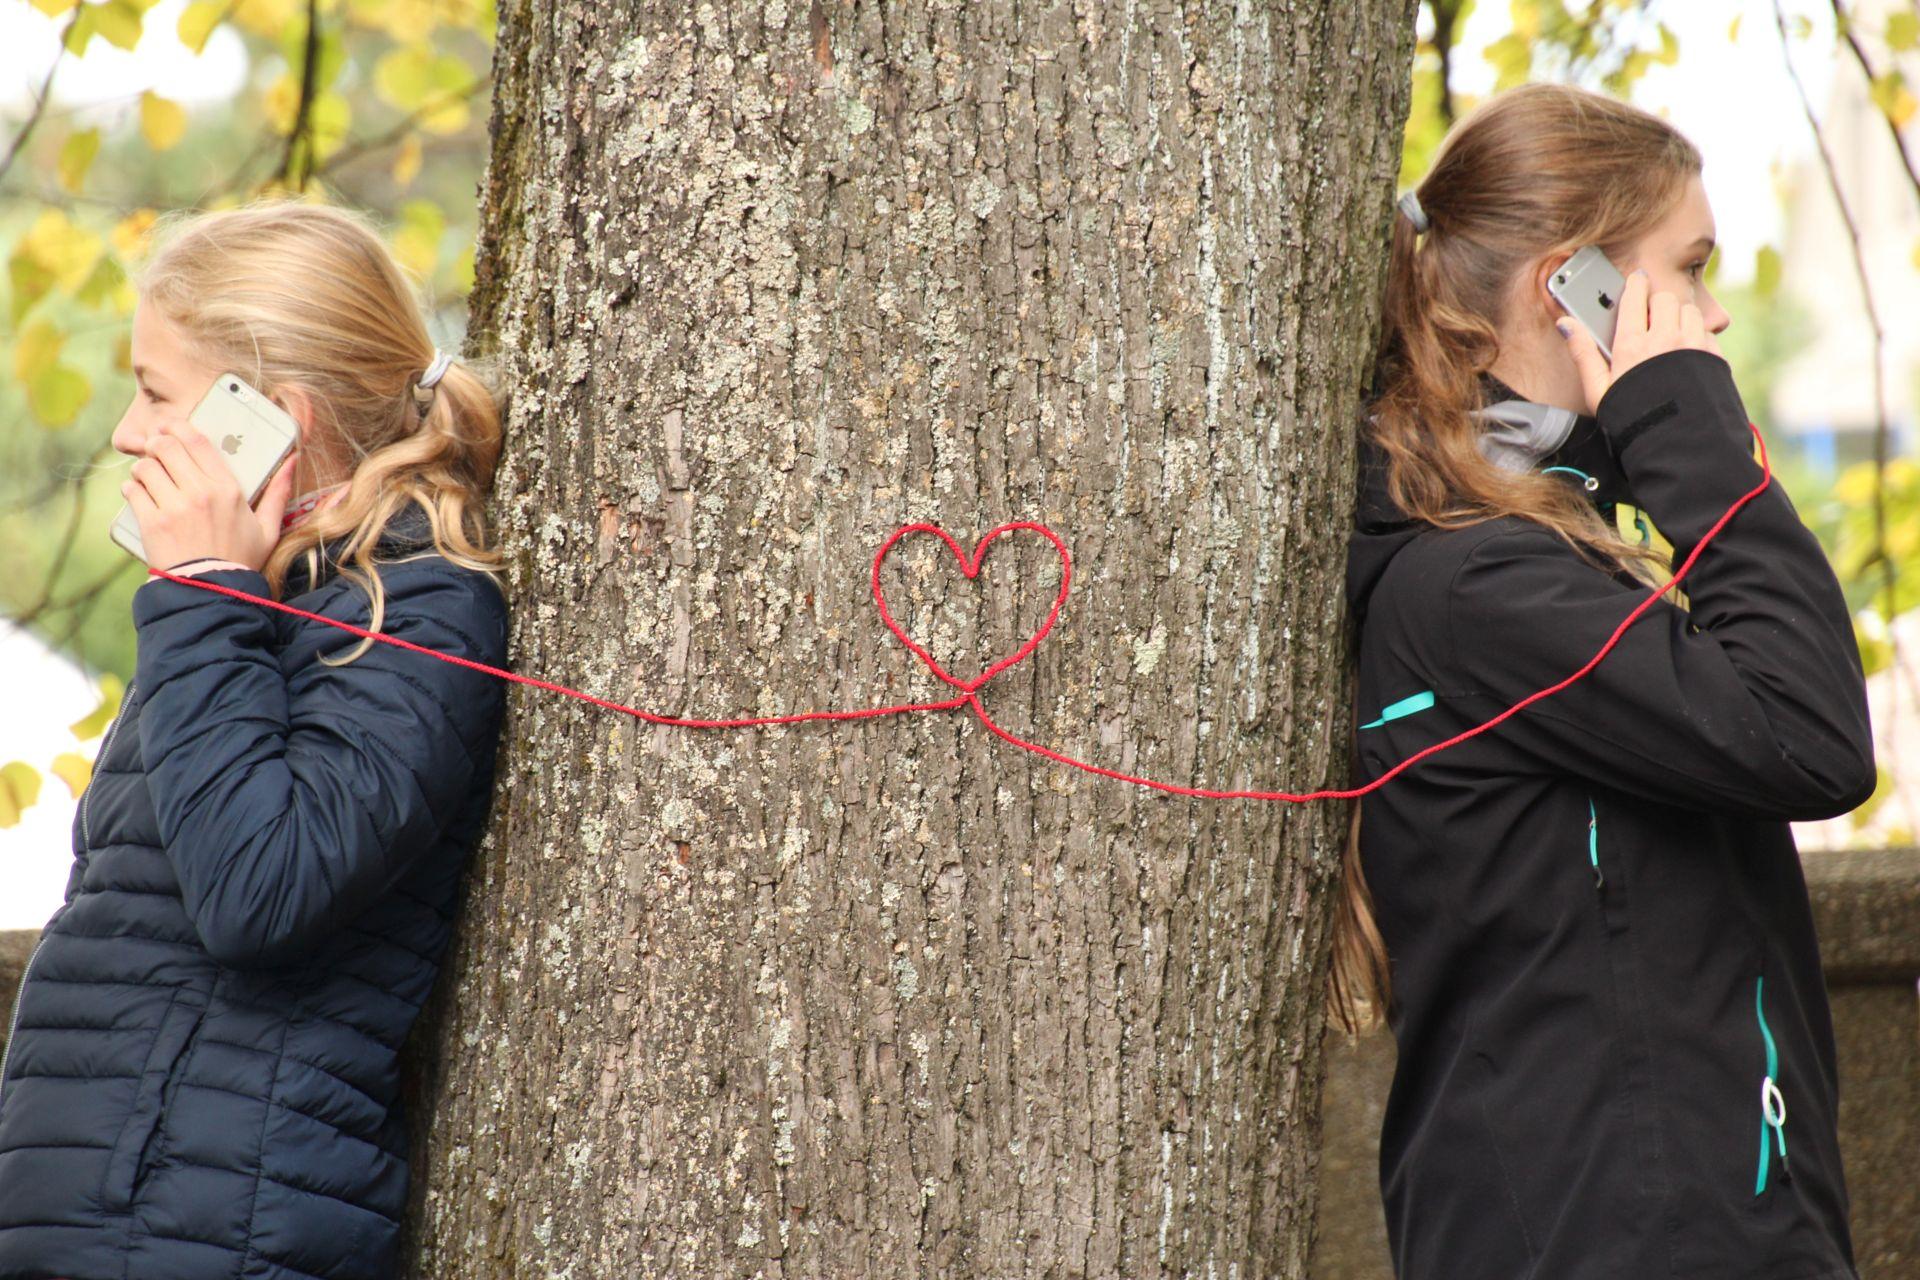 2 Mädchen telfonieren mit einem roten Kabel, welches ein Herz bildet, zwischen einem Baum